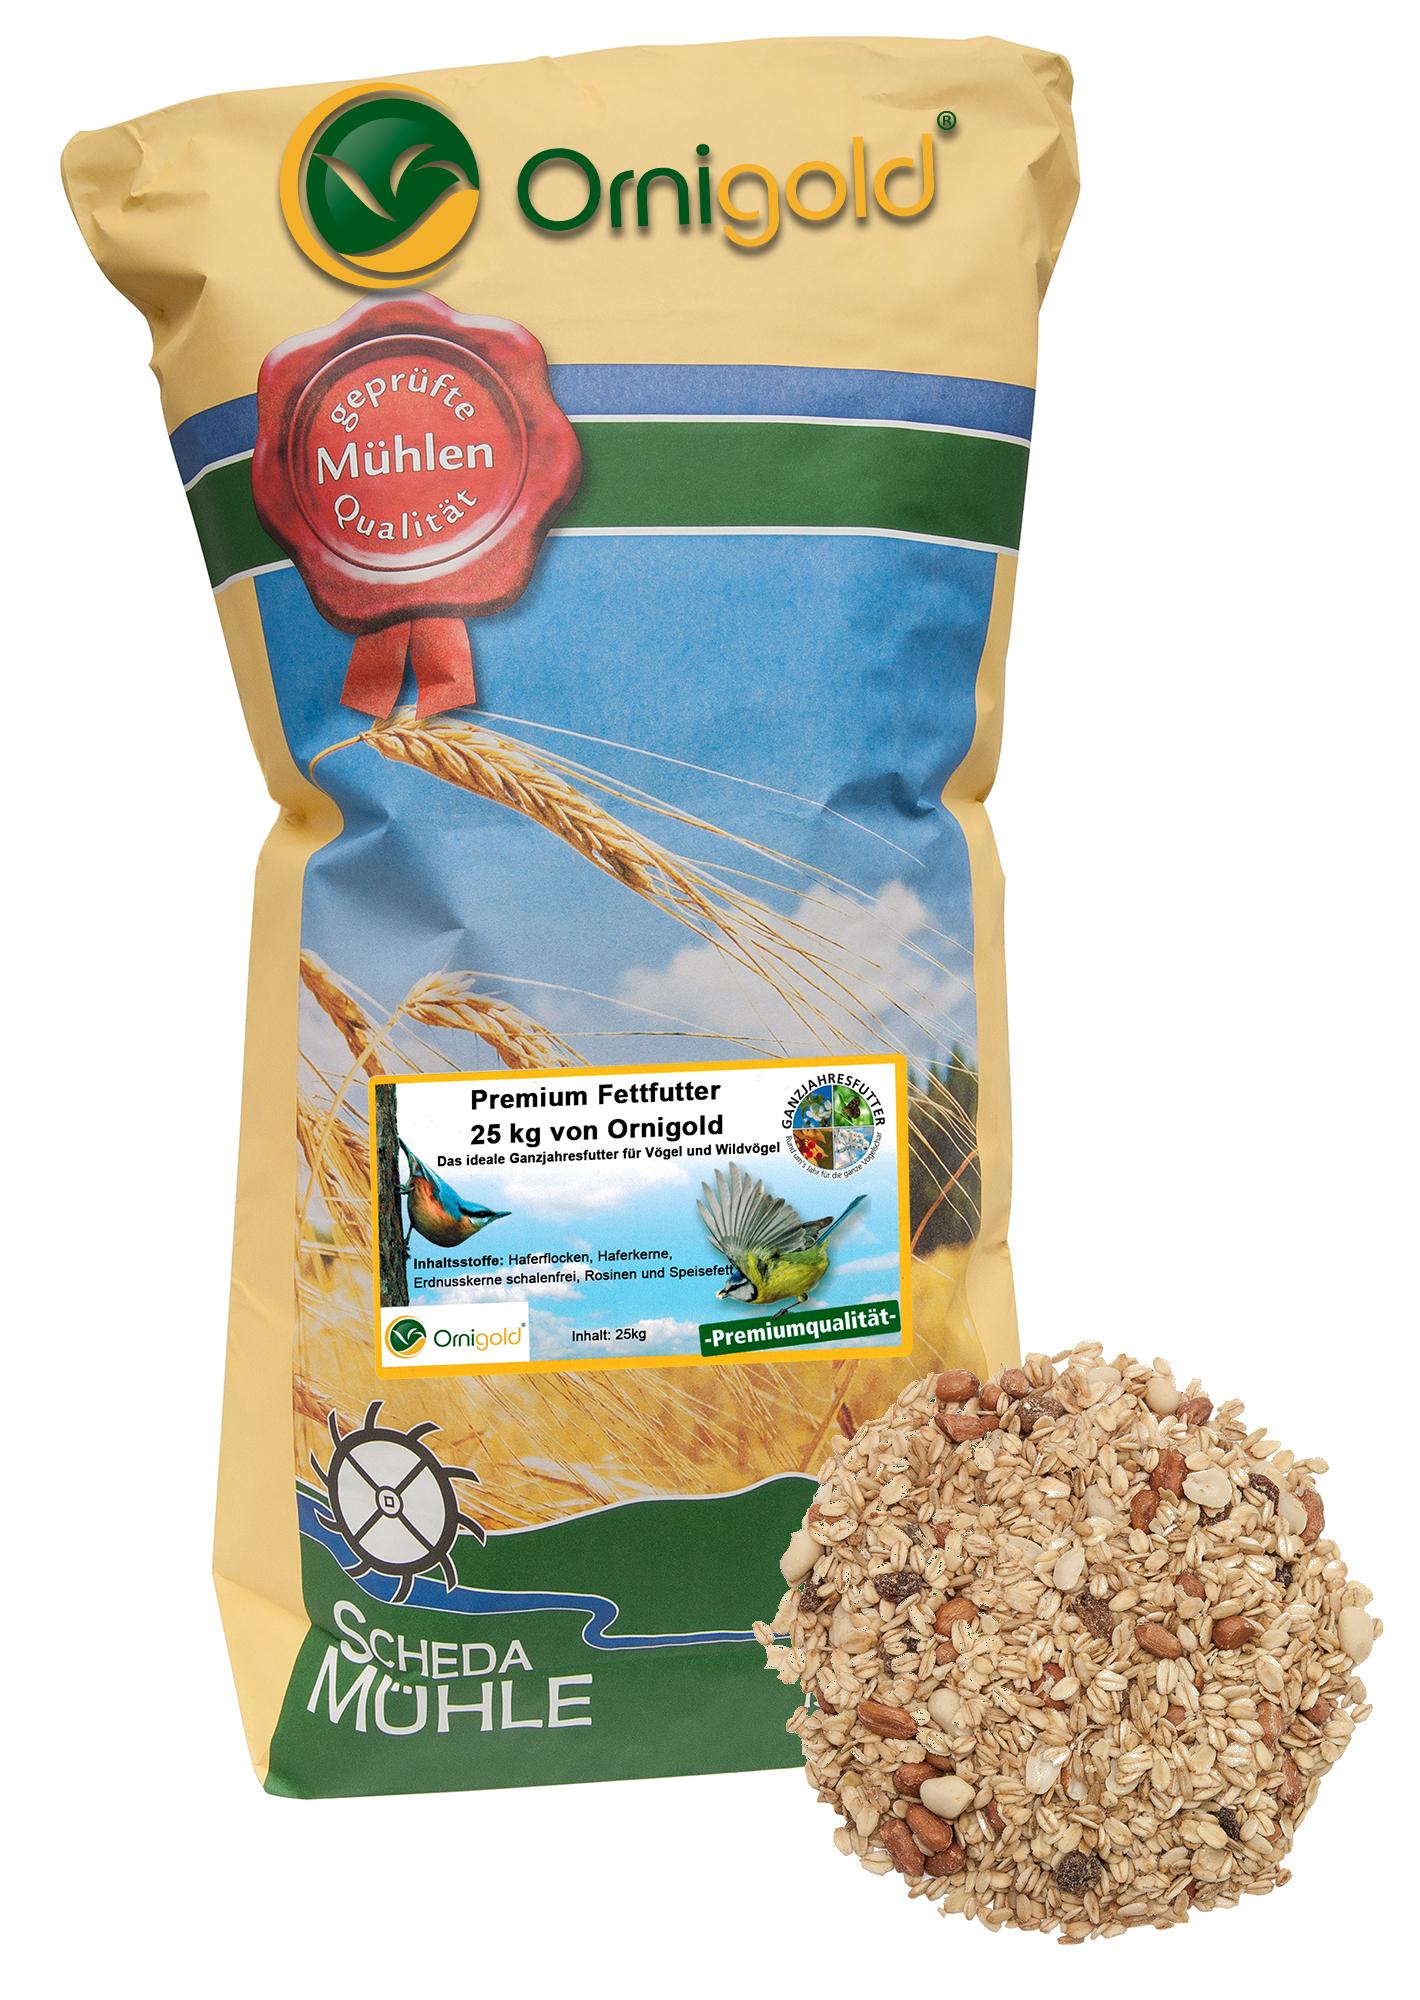 Premium Fettfutter 25 kg von Ornigold – Das ideale Ganzjahresfutter für Vögel und Wildvögel